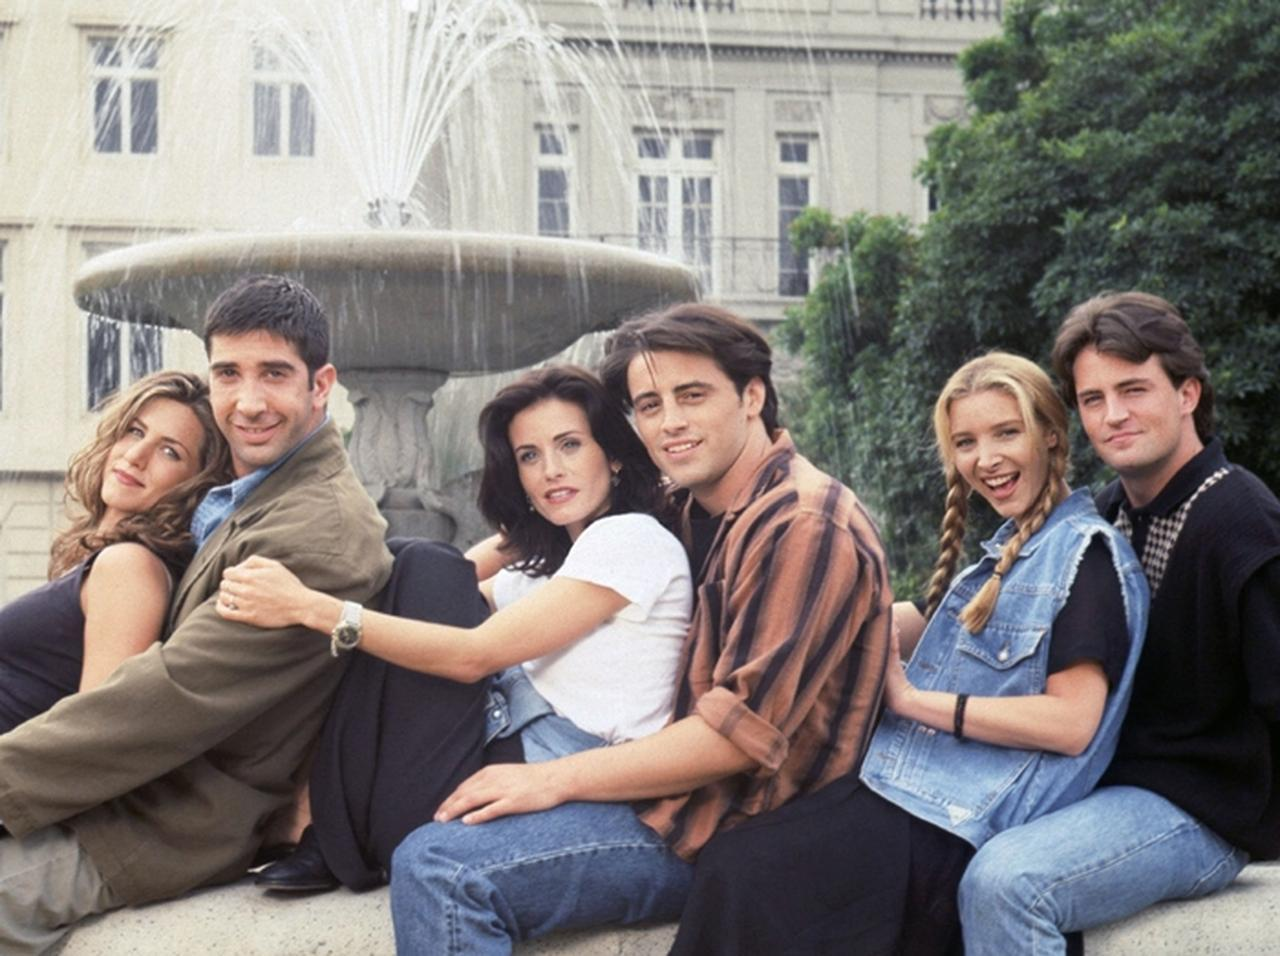 画像2: テレビの歴史を変えた『フレンズ』のギャラ交渉